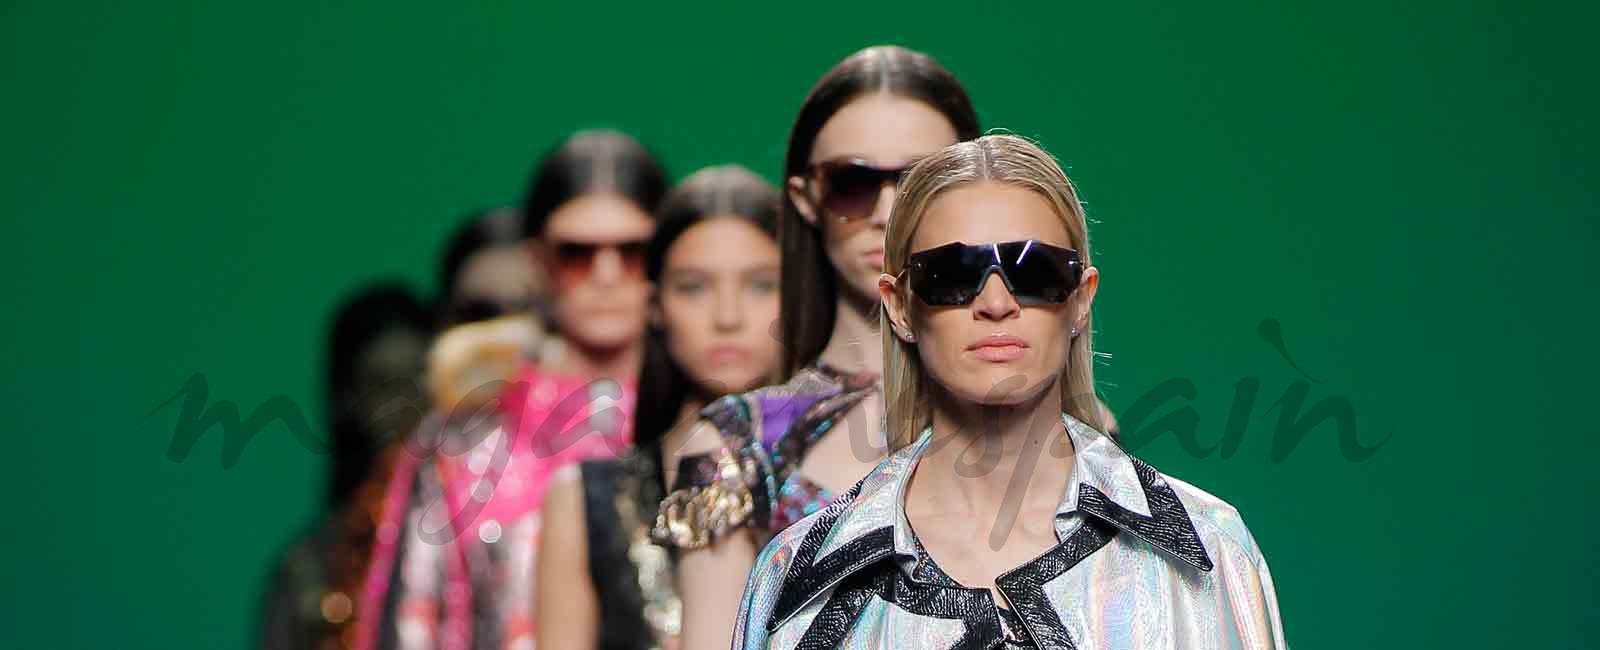 Mercedes Fashion Week Madrid: Custo BCN Otoño Invierno 2018-2019